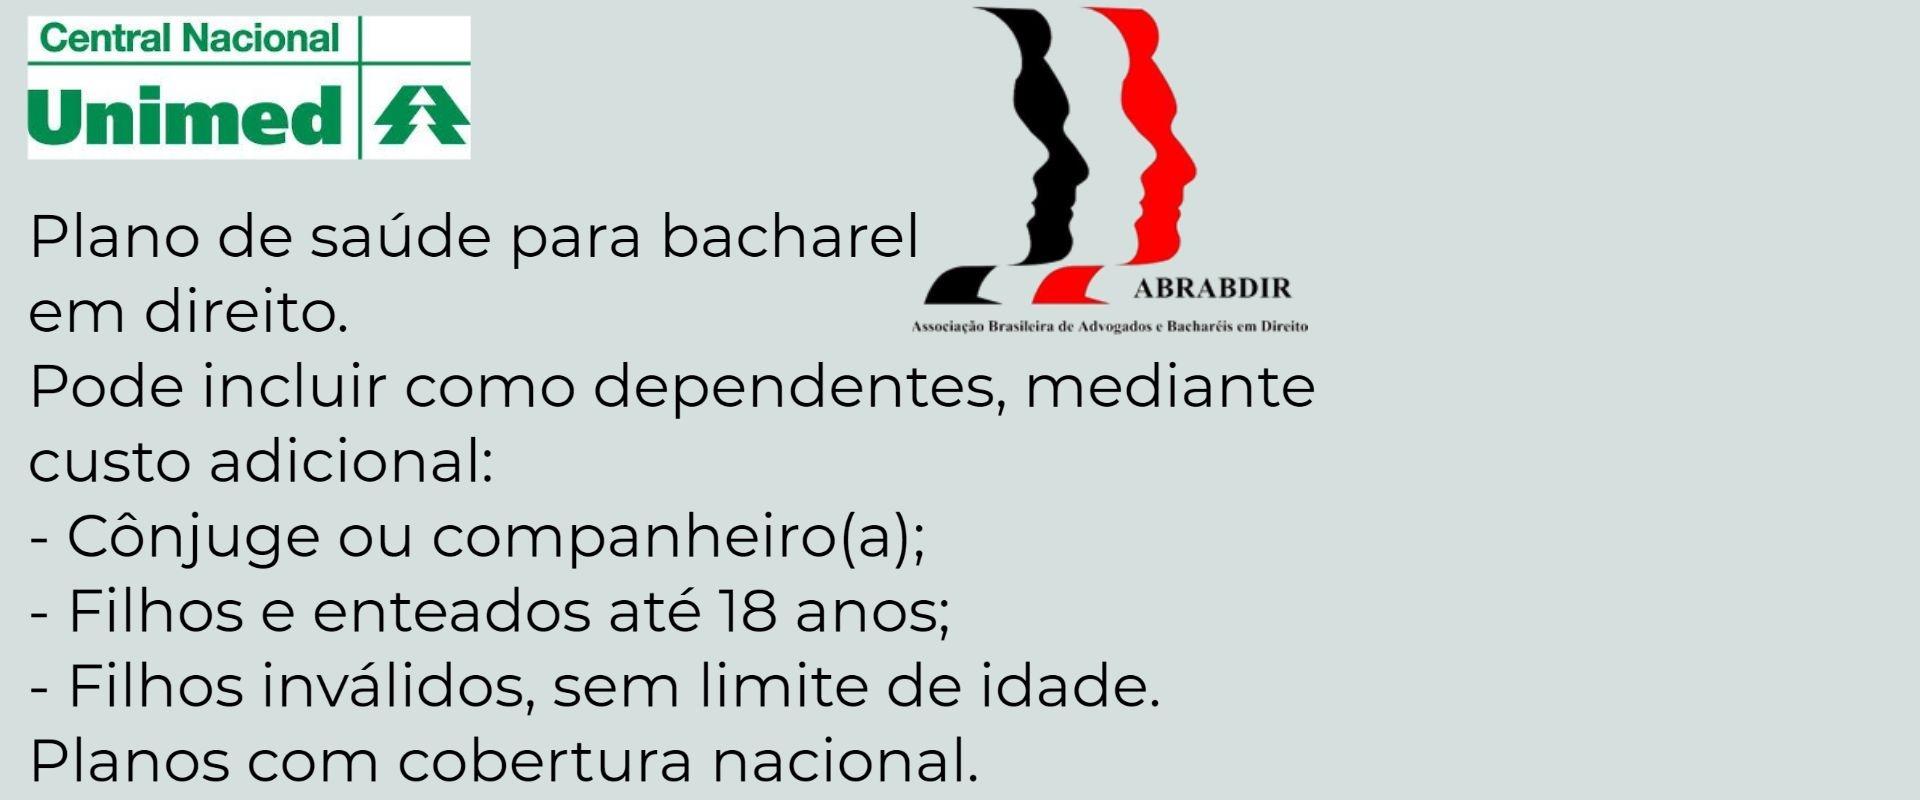 Unimed ABRABDIR Mococa